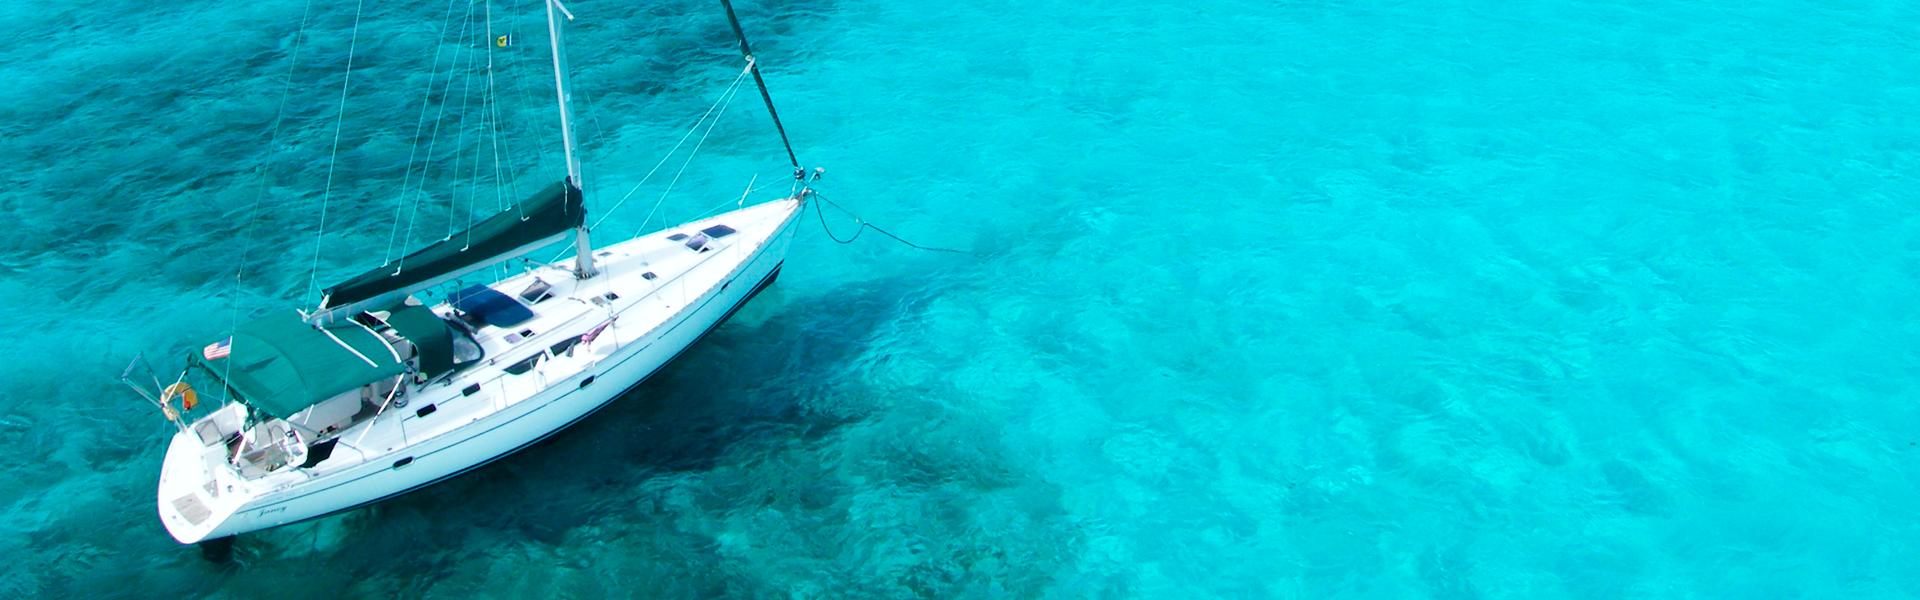 5 Destinations to go sailing